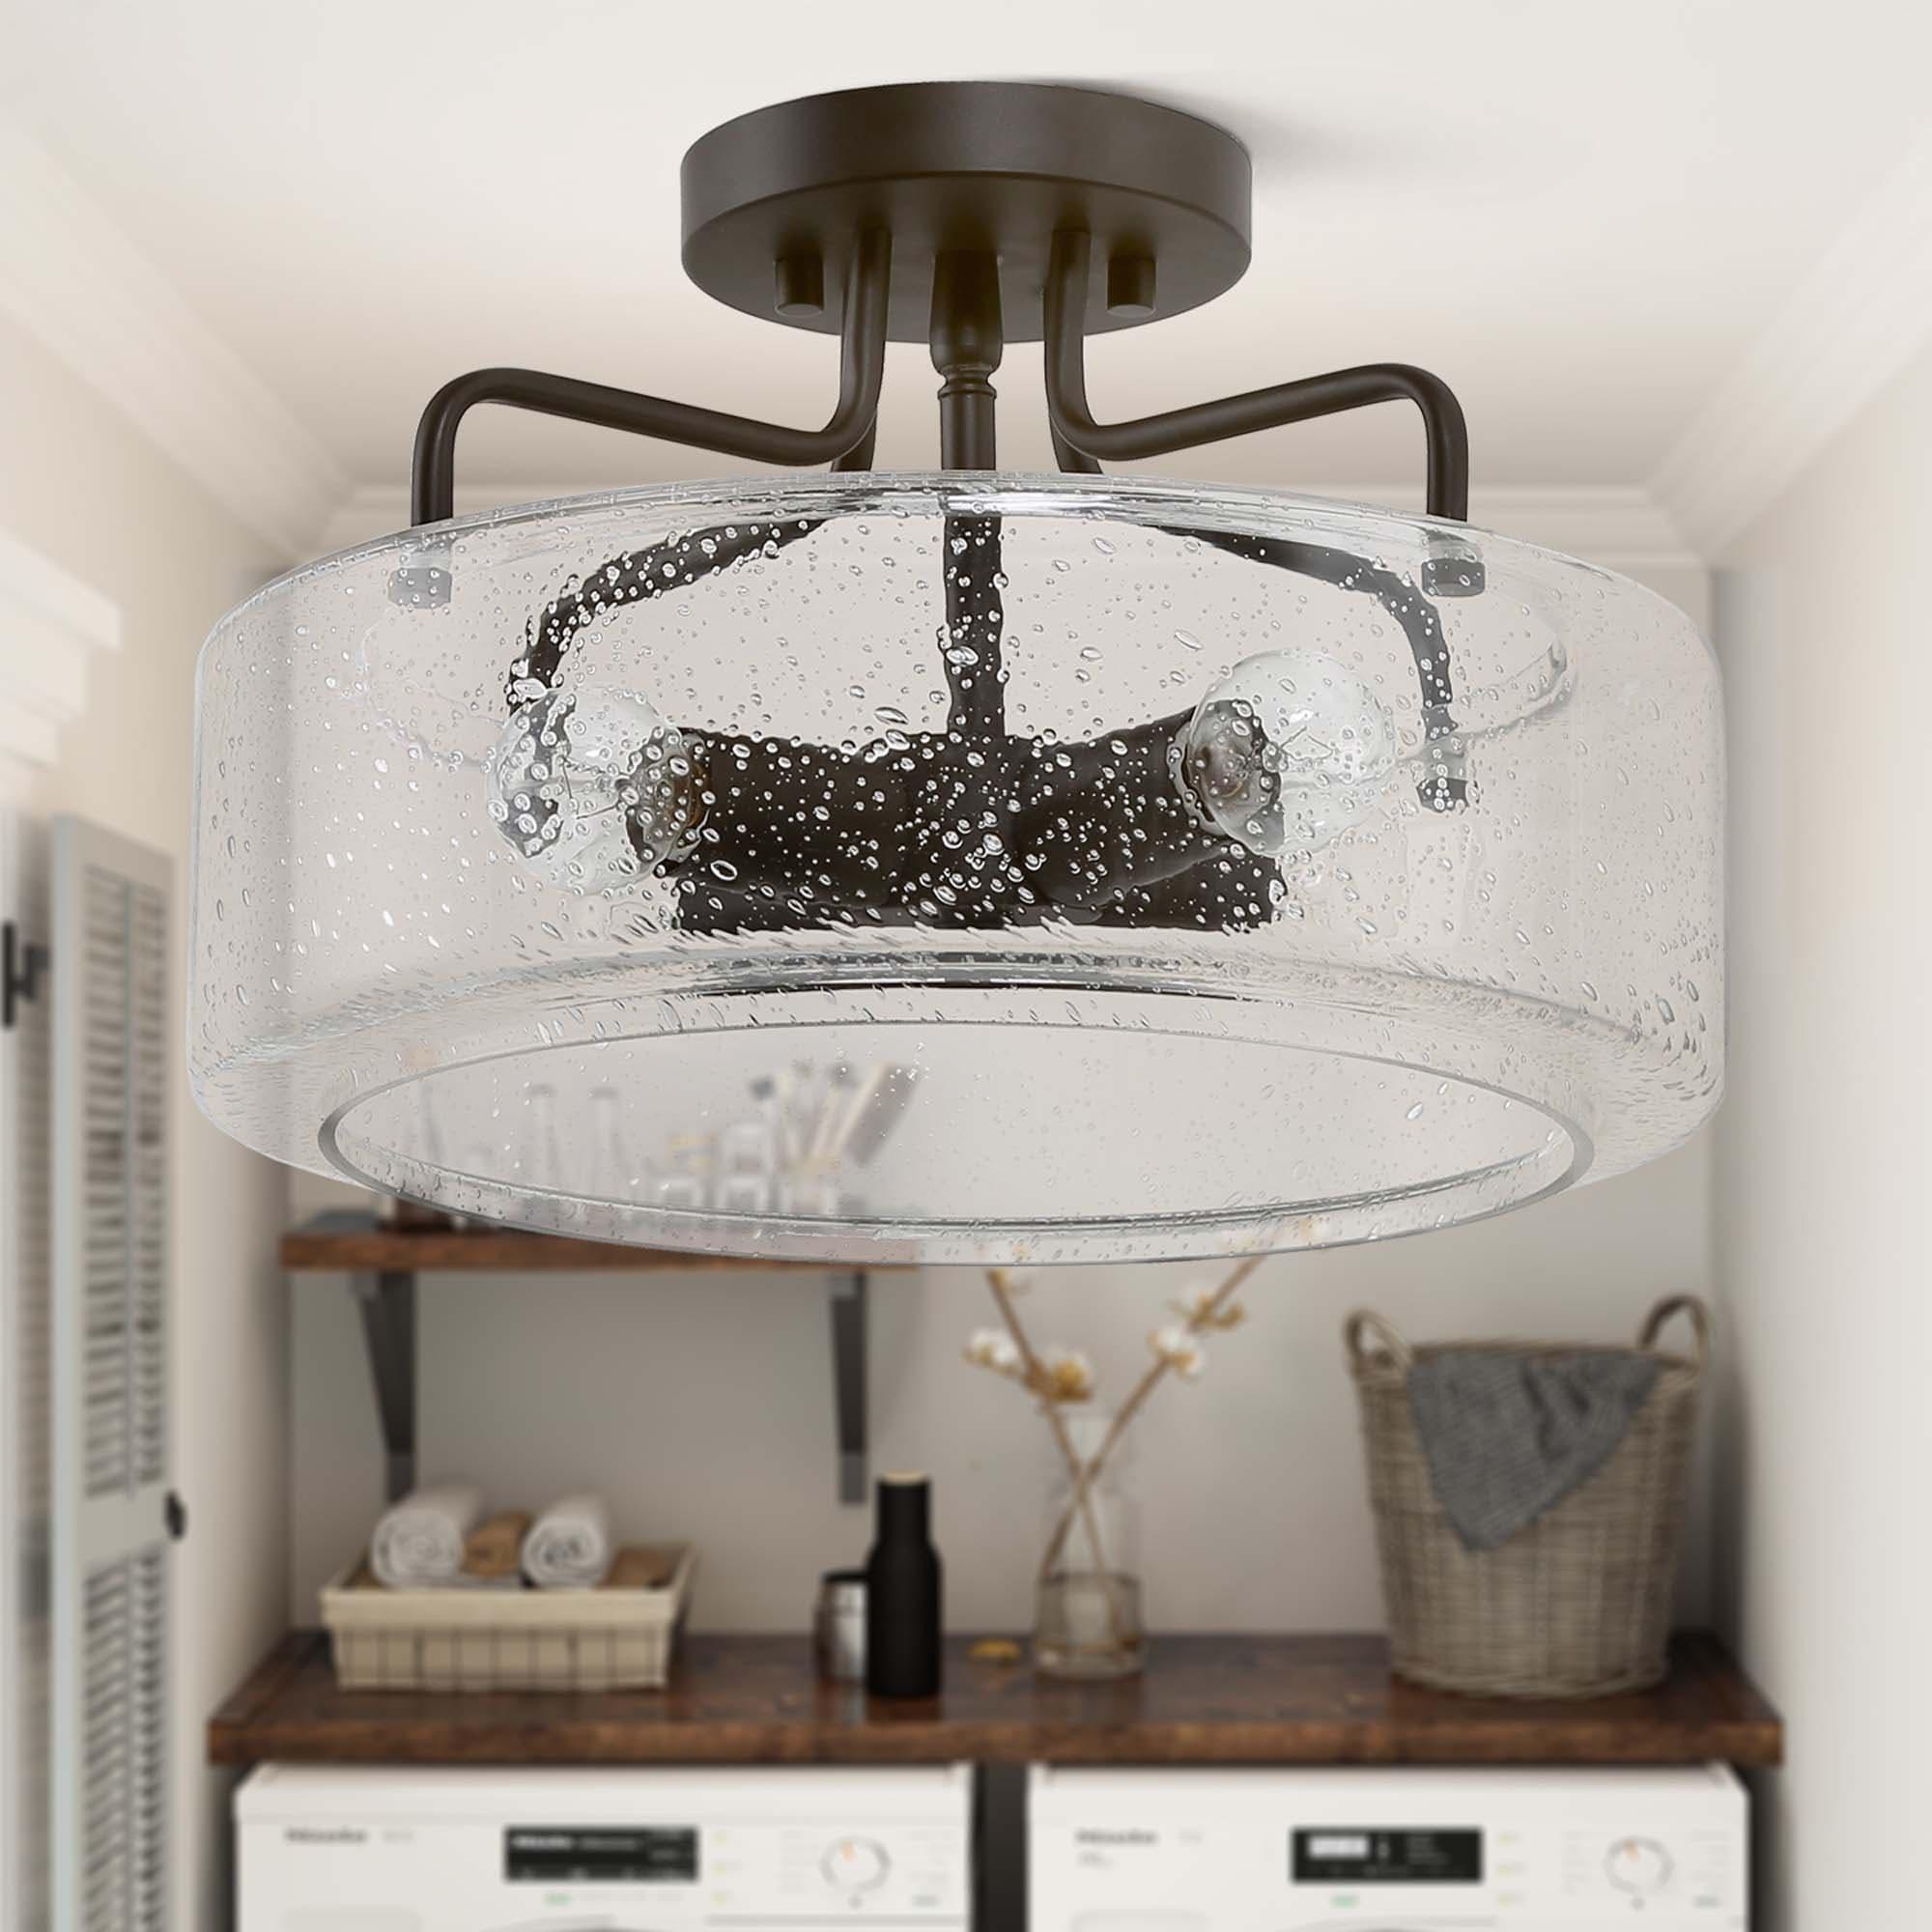 Modern Farmhouse 4 Lights Full Flush Mount Ceiling Lighting Fixture For Kitchen